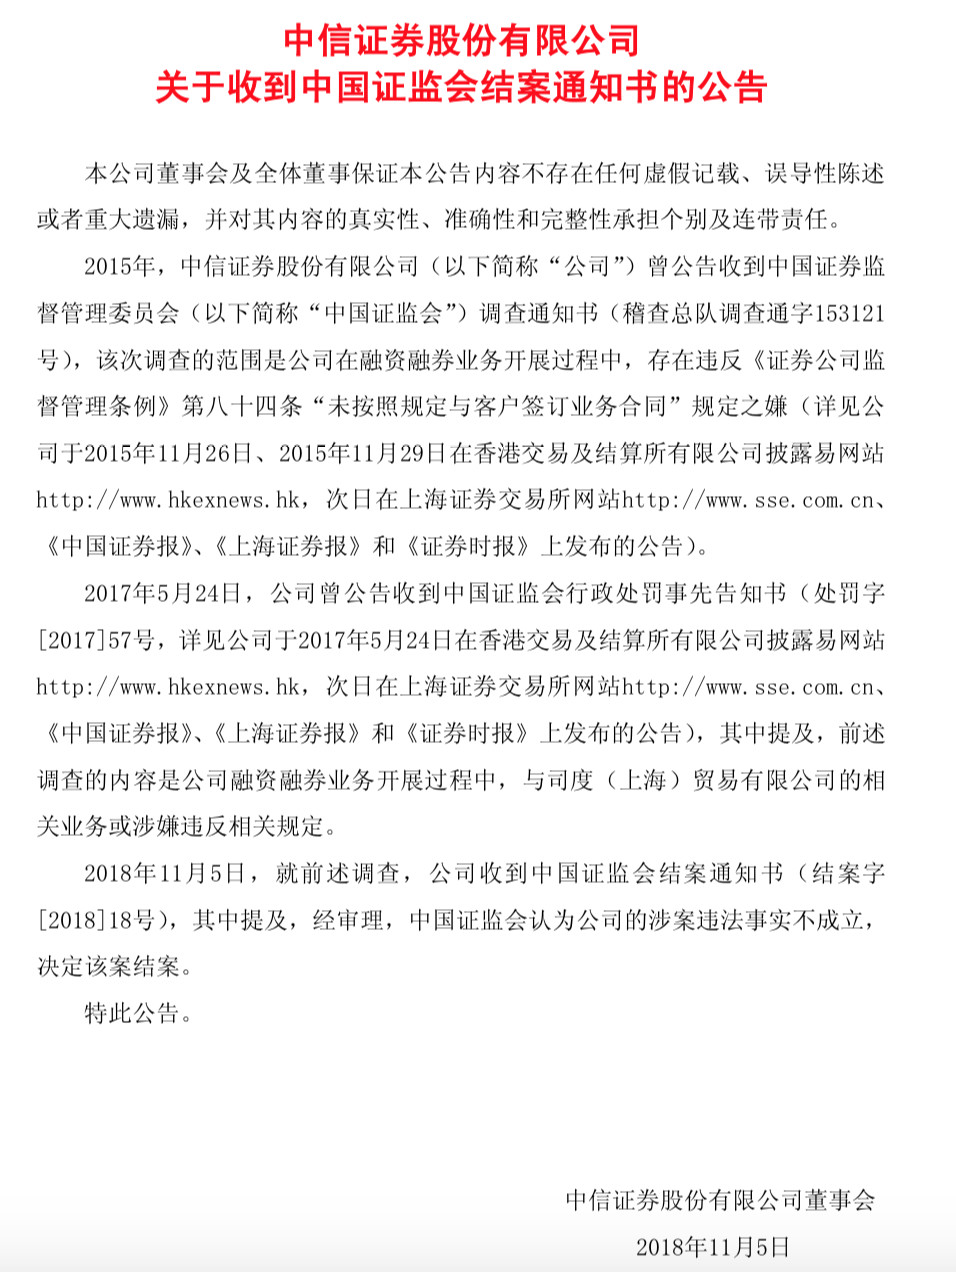 """""""做空A股""""劇情大反轉!上海司度案結案,中信海通國信三家券商涉案違法事實不成立"""